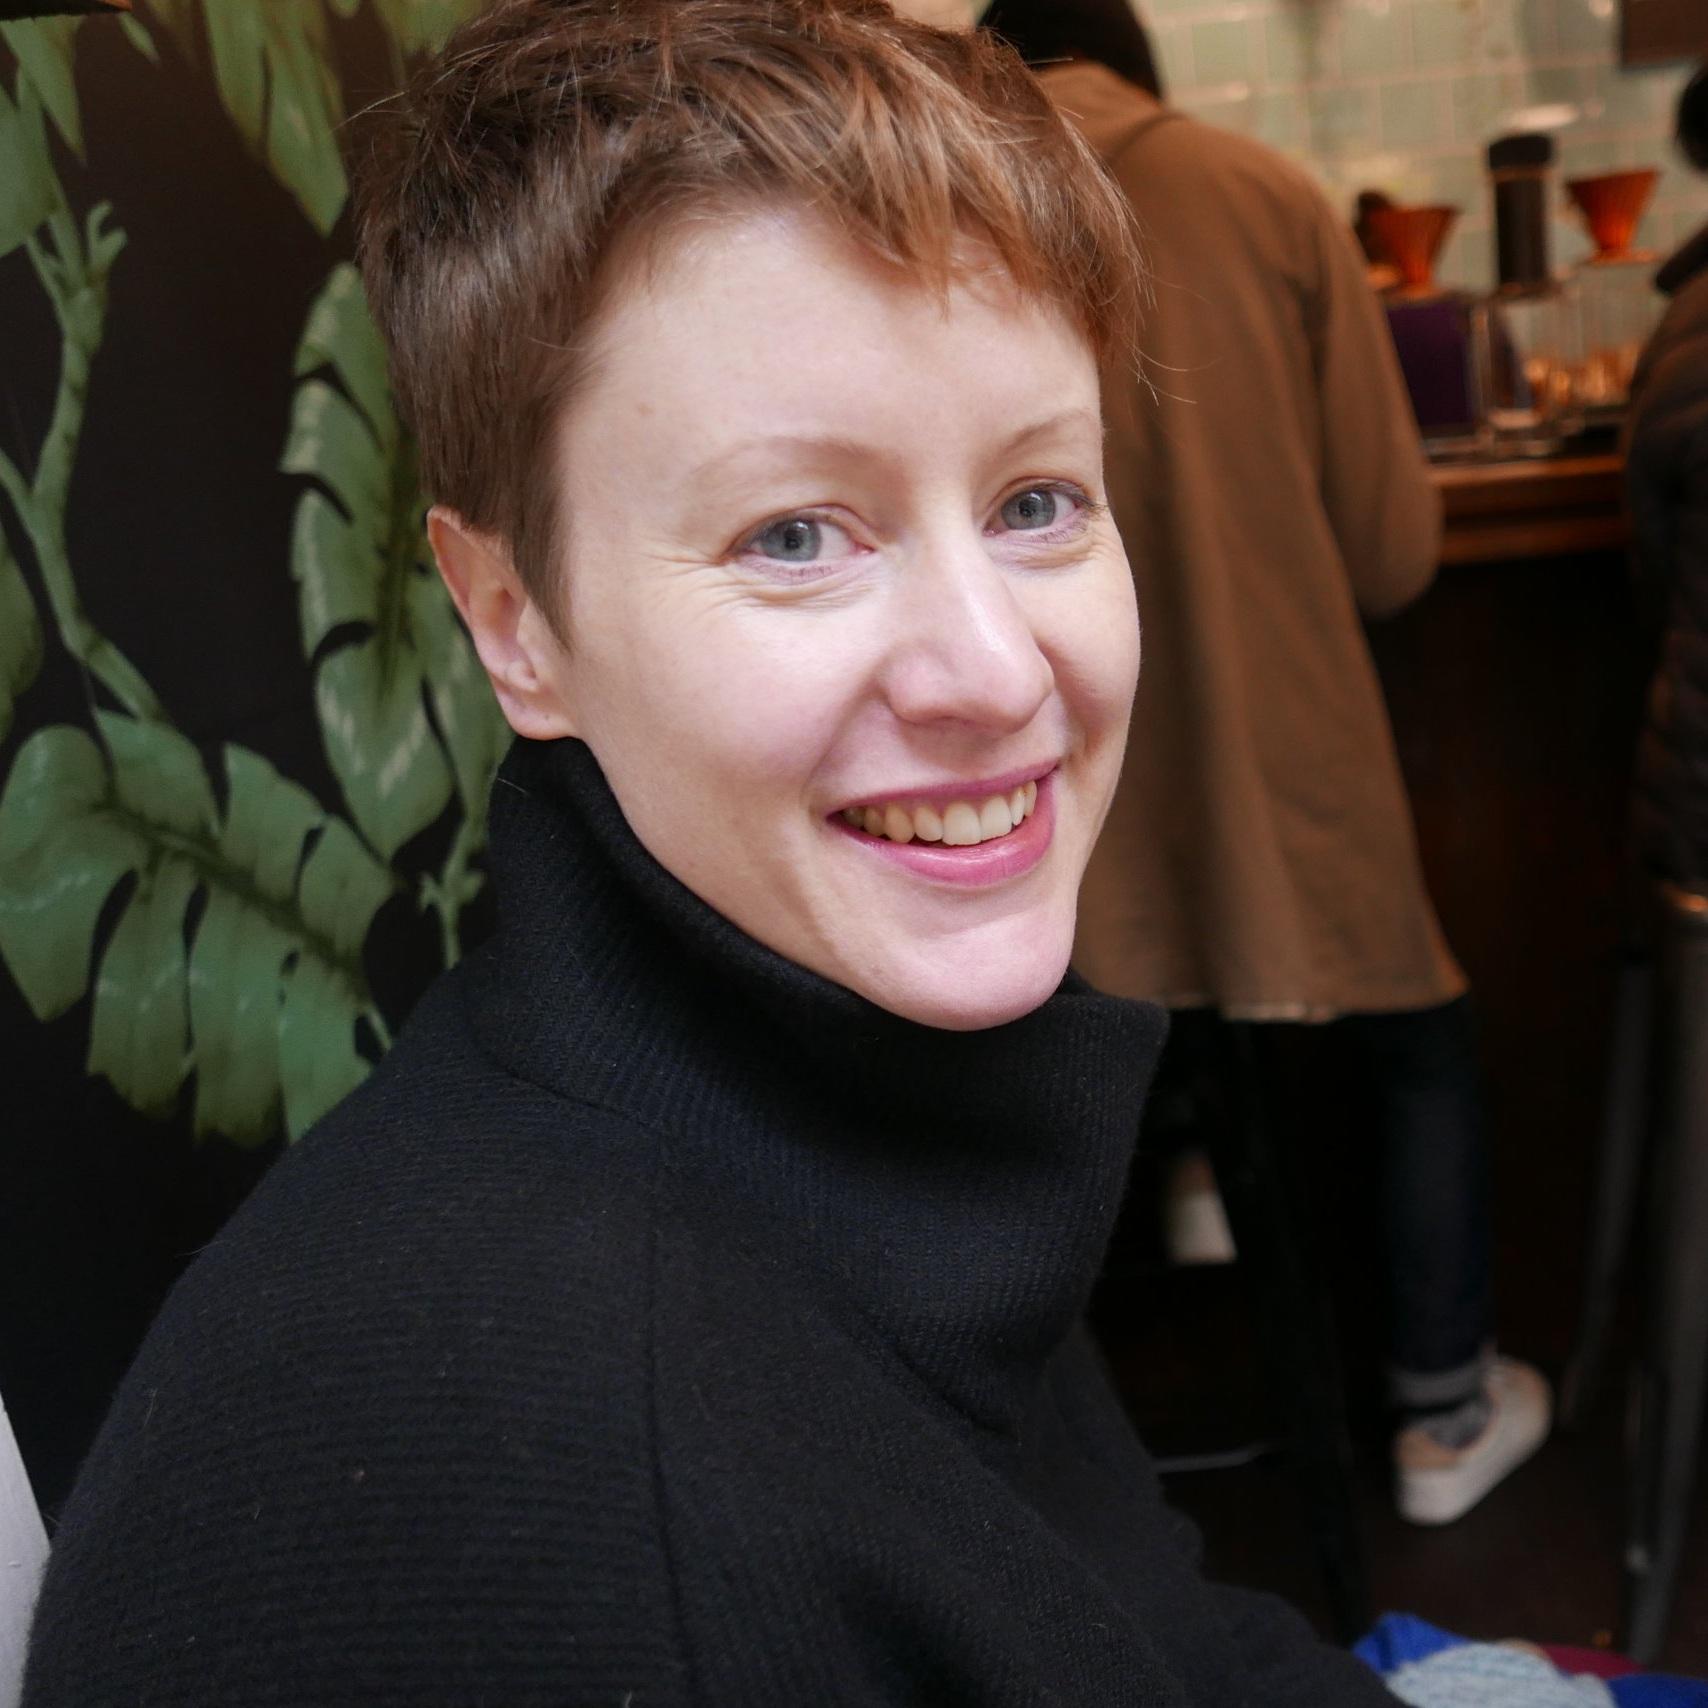 Clare Mein